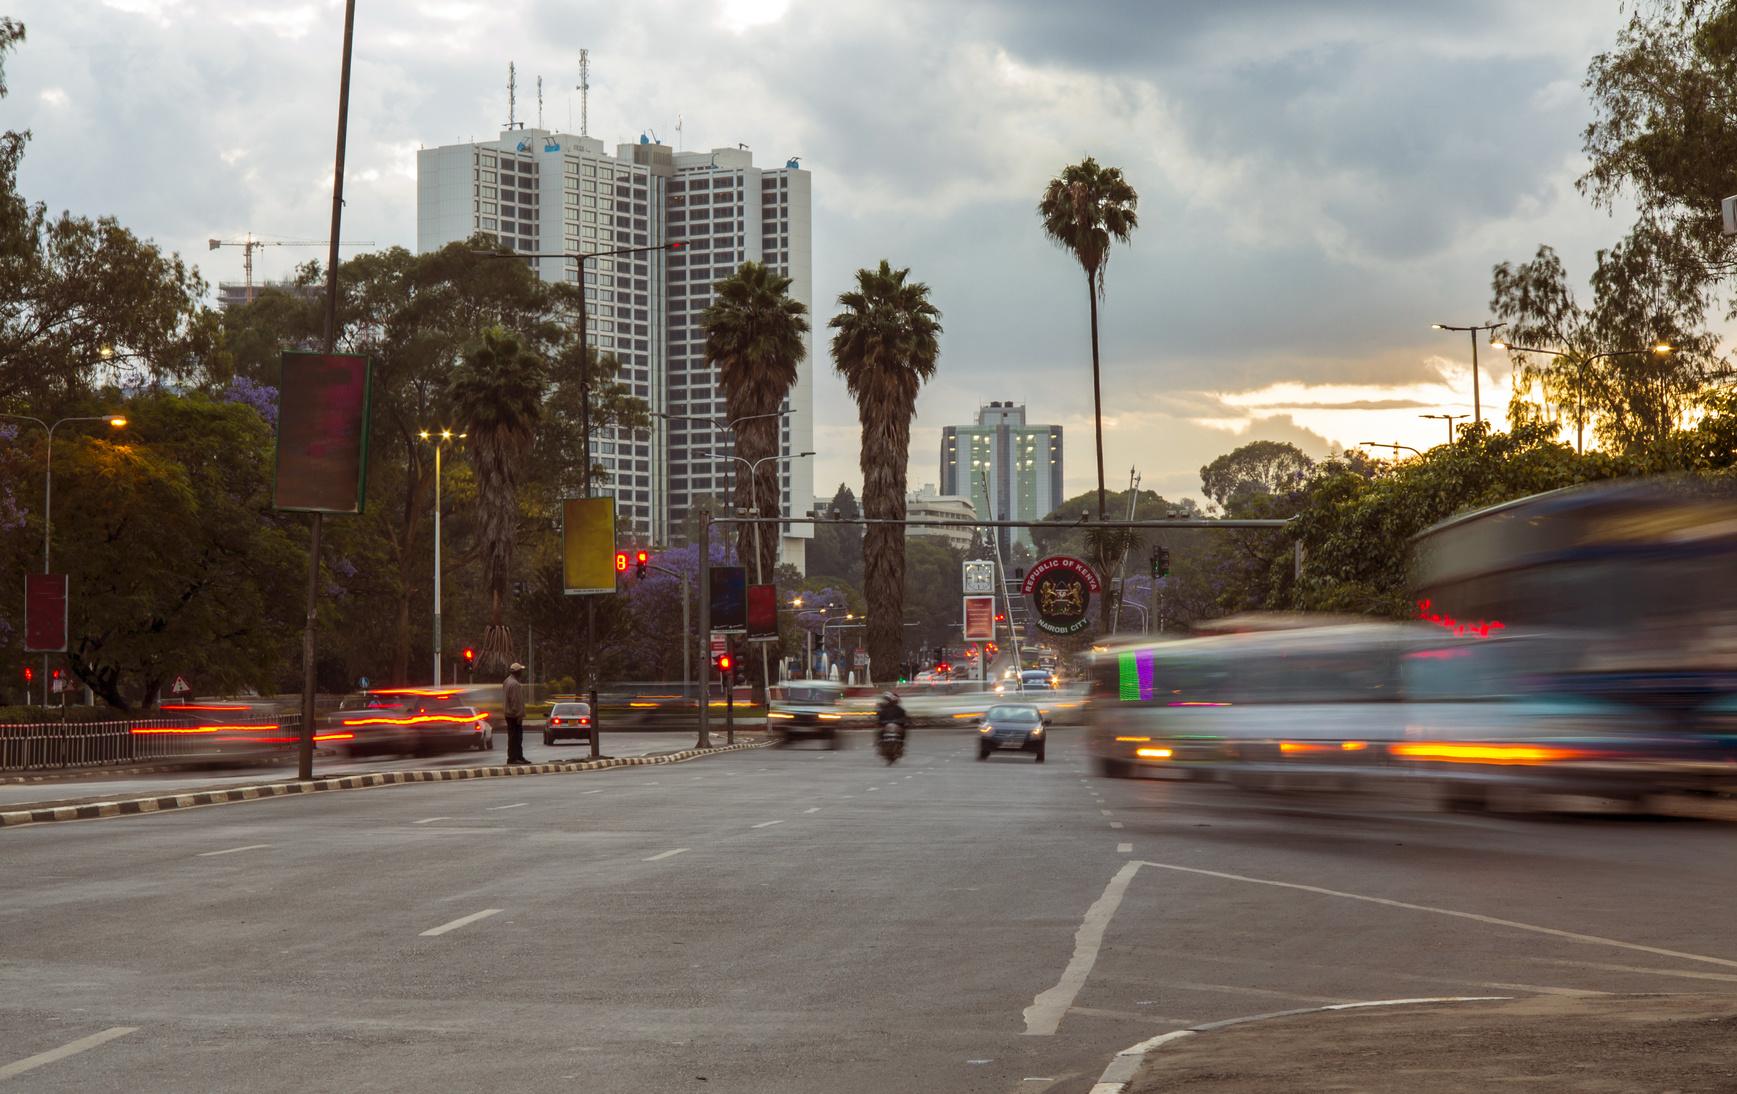 Quels défis pour la smart city africaine ? (1/3)